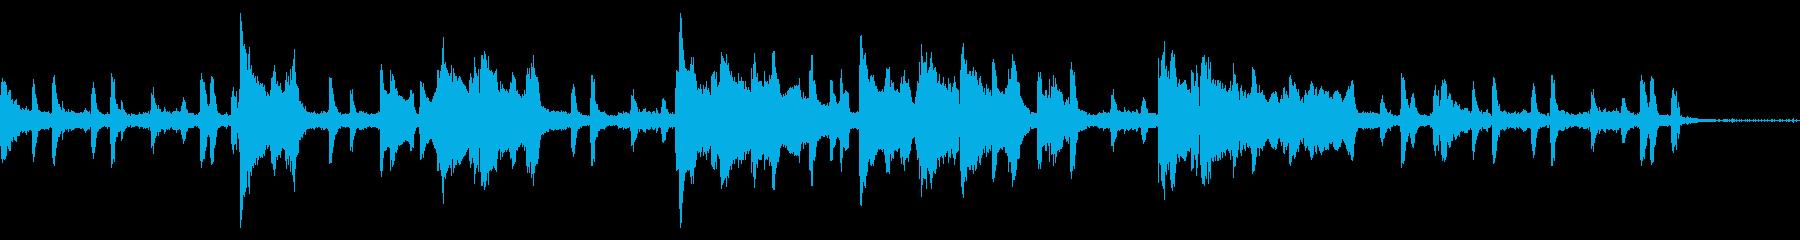 短いピアノとオルガンJazzBGM。の再生済みの波形